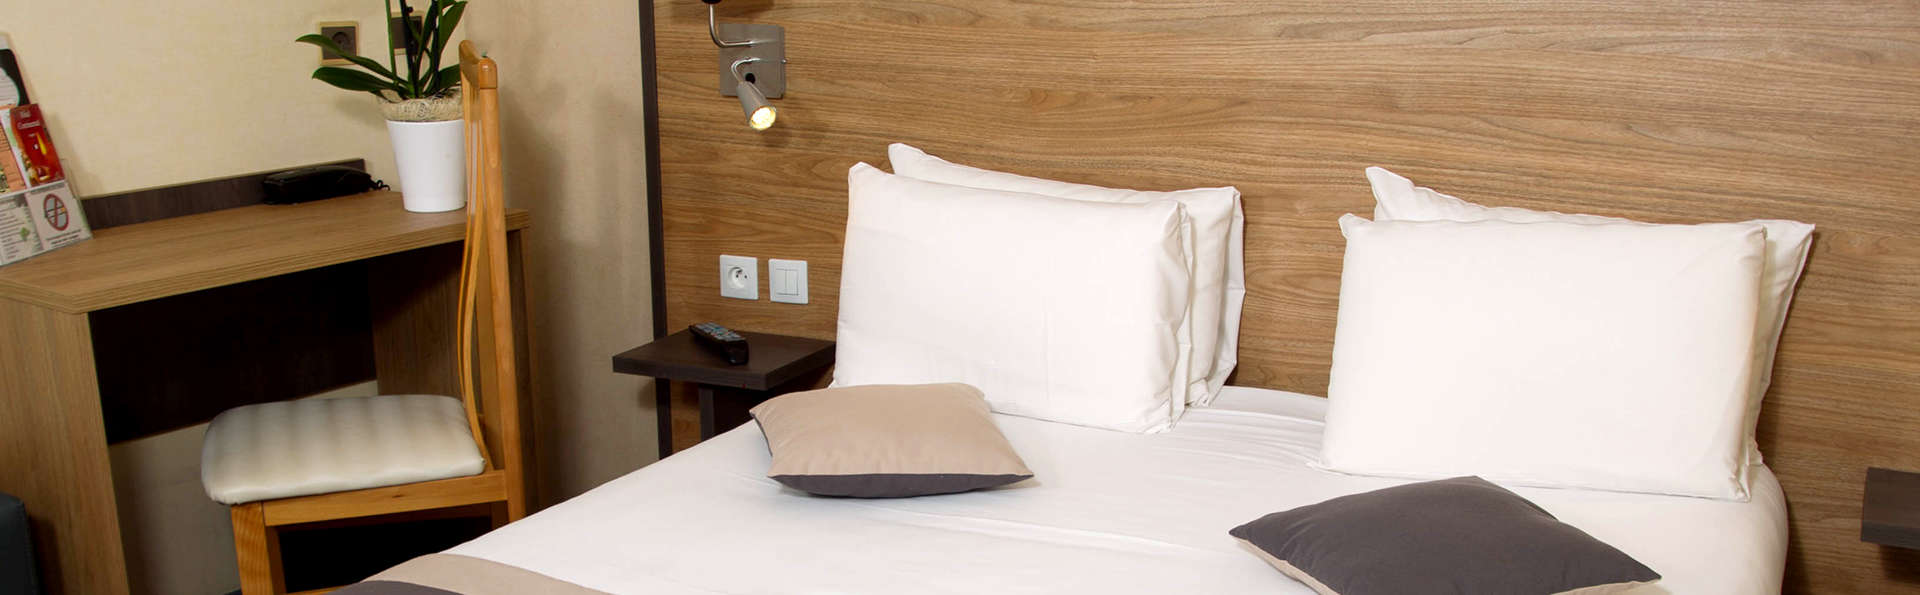 Hôtel Continental - EDIT_NEW_PETITE5.jpg